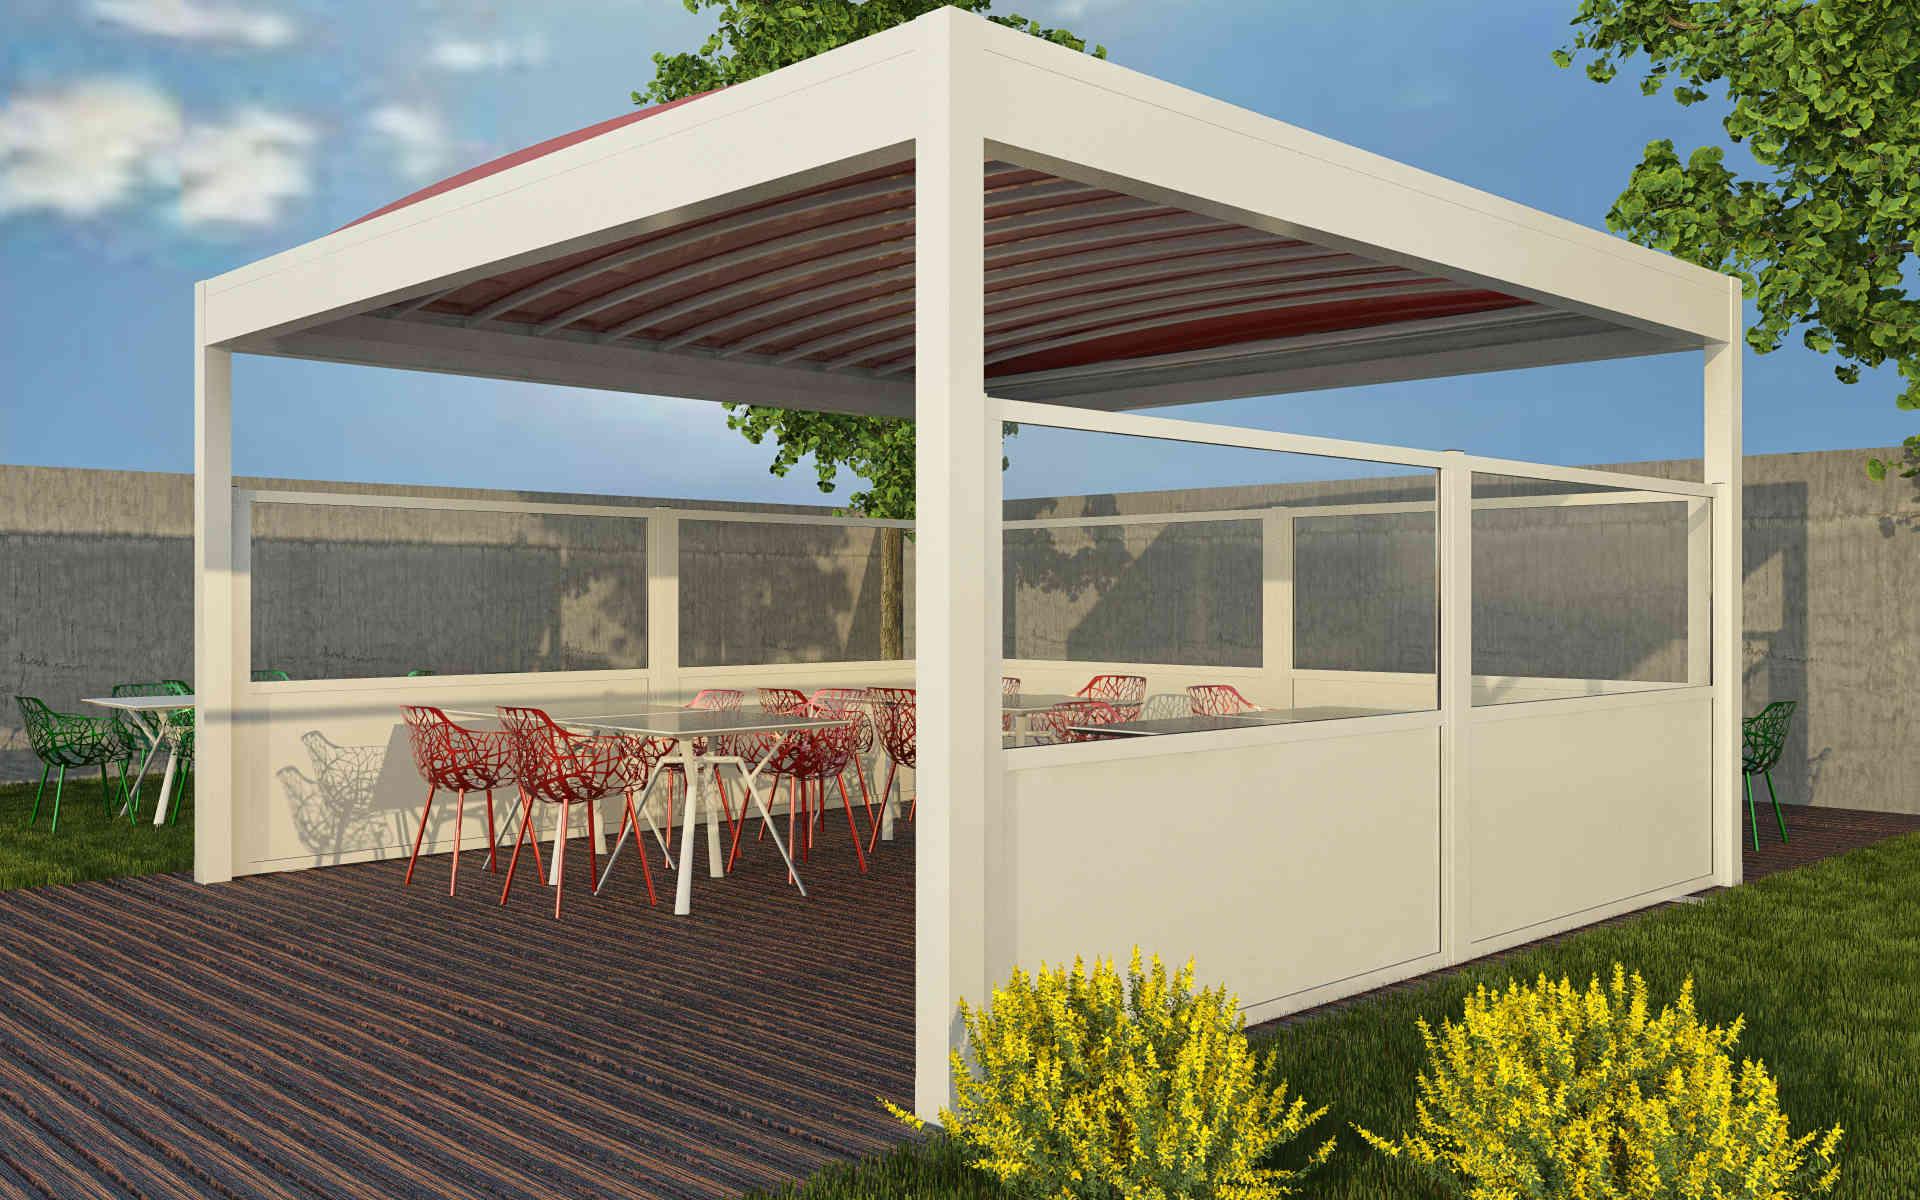 Paravento modulare per esterno per dehors e plateatici in alluminio mod. GL PARAPETTO - RUSTICO con doghe - Stameat srl - Produzione ed installazione - Asiago